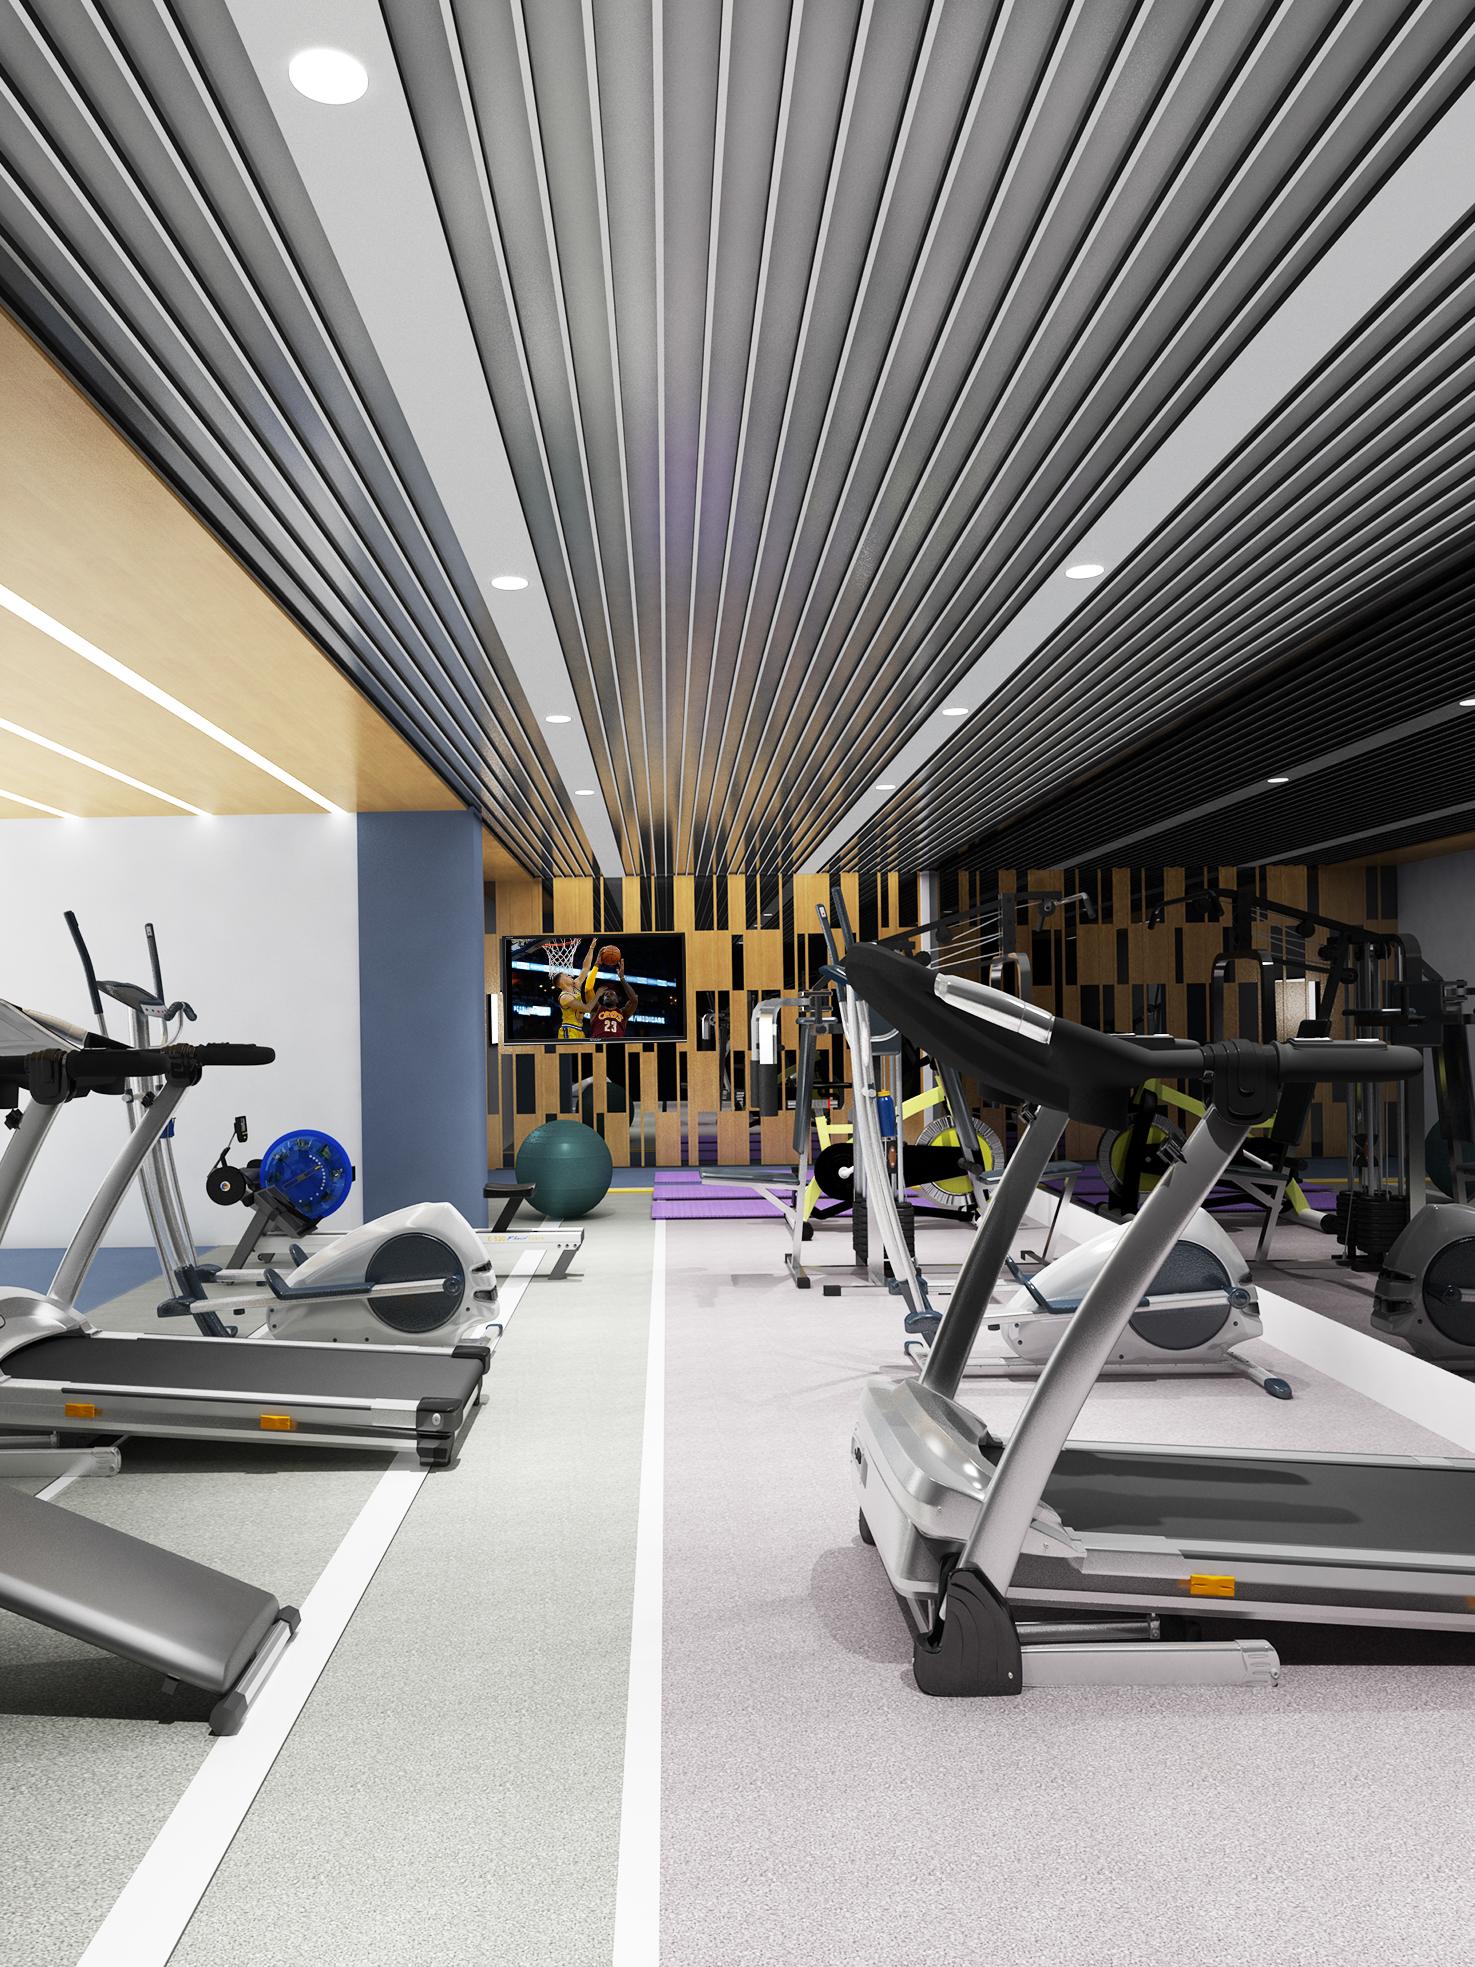 Architecte Interieur 3D Gratuit images gratuites : gym, 3d, design d'intérieur, structure